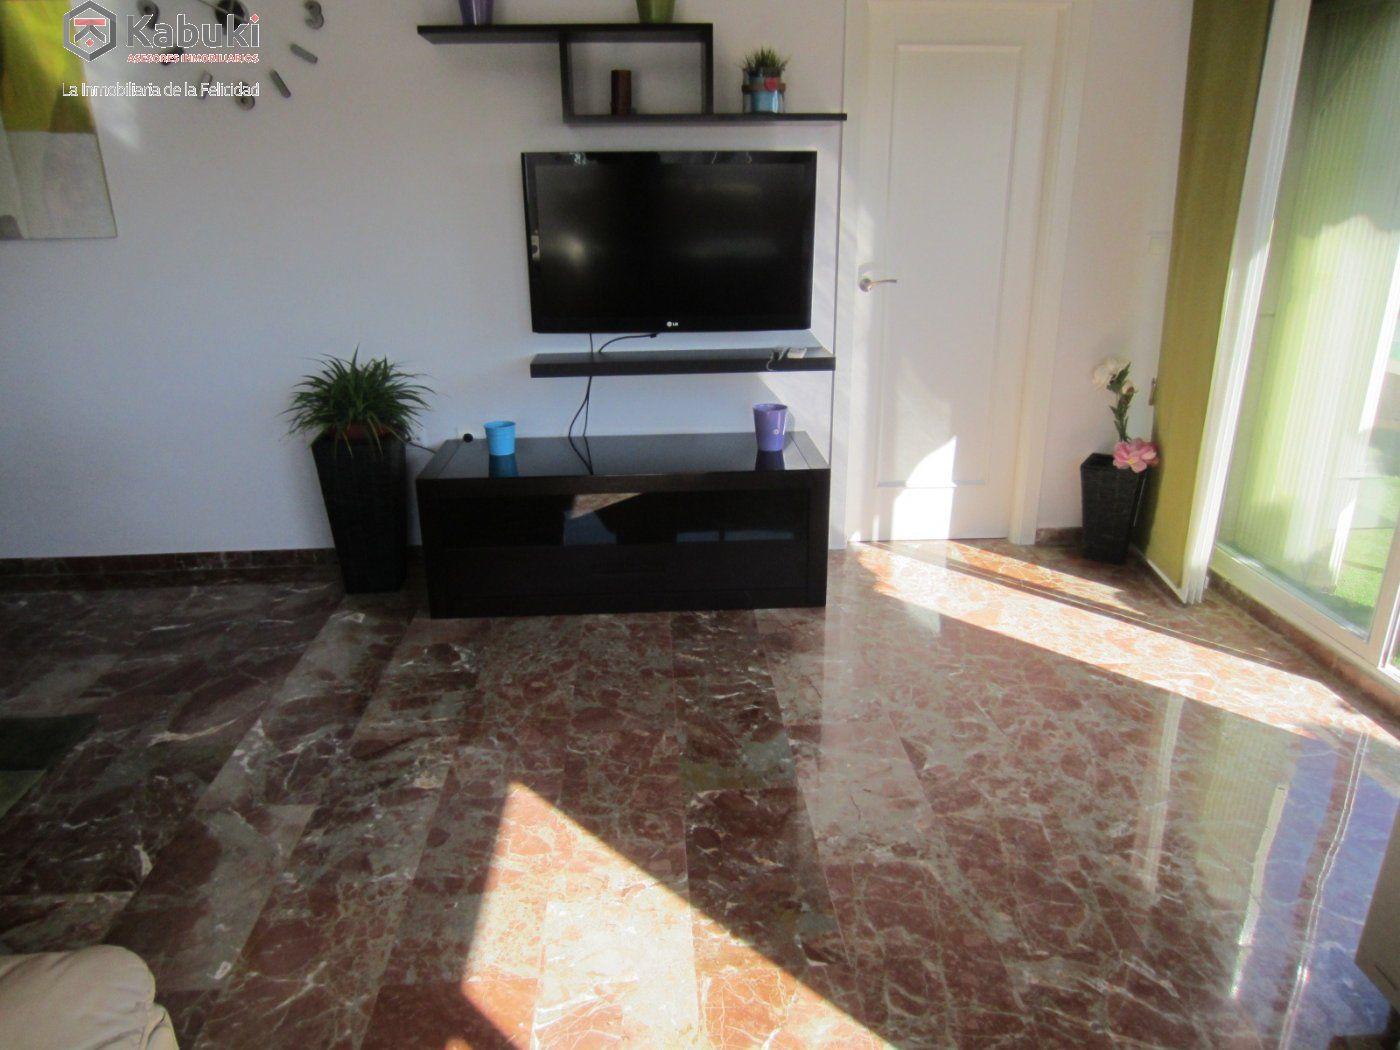 Ático con vistas despejadas en zona residencial, 3 dormitorios, inmejorables calidades - imagenInmueble15